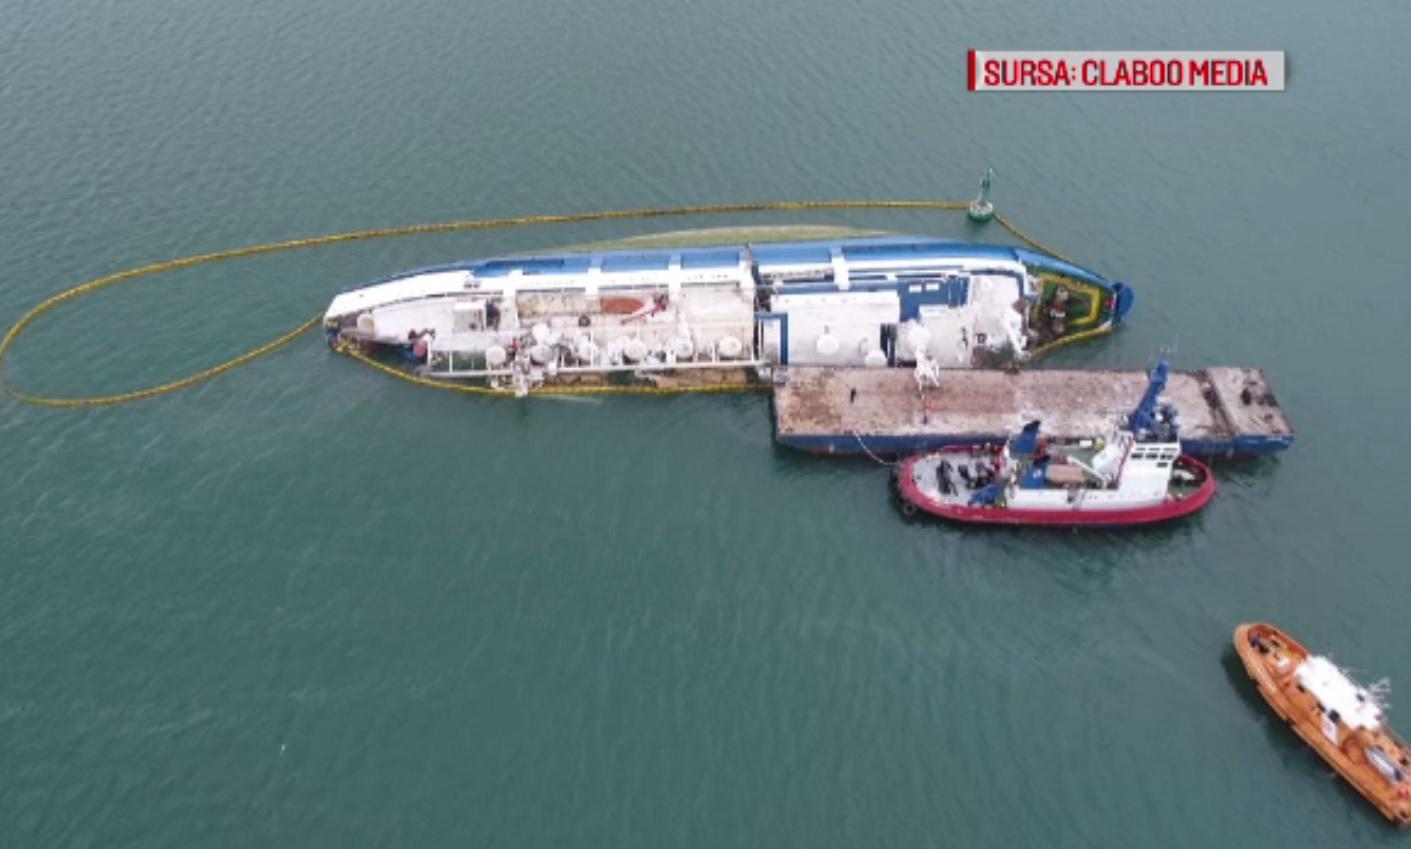 Ce s-a întâmplat cu oile moarte pe nava scufundată în Portul Midia. S-a deschis o anchetă